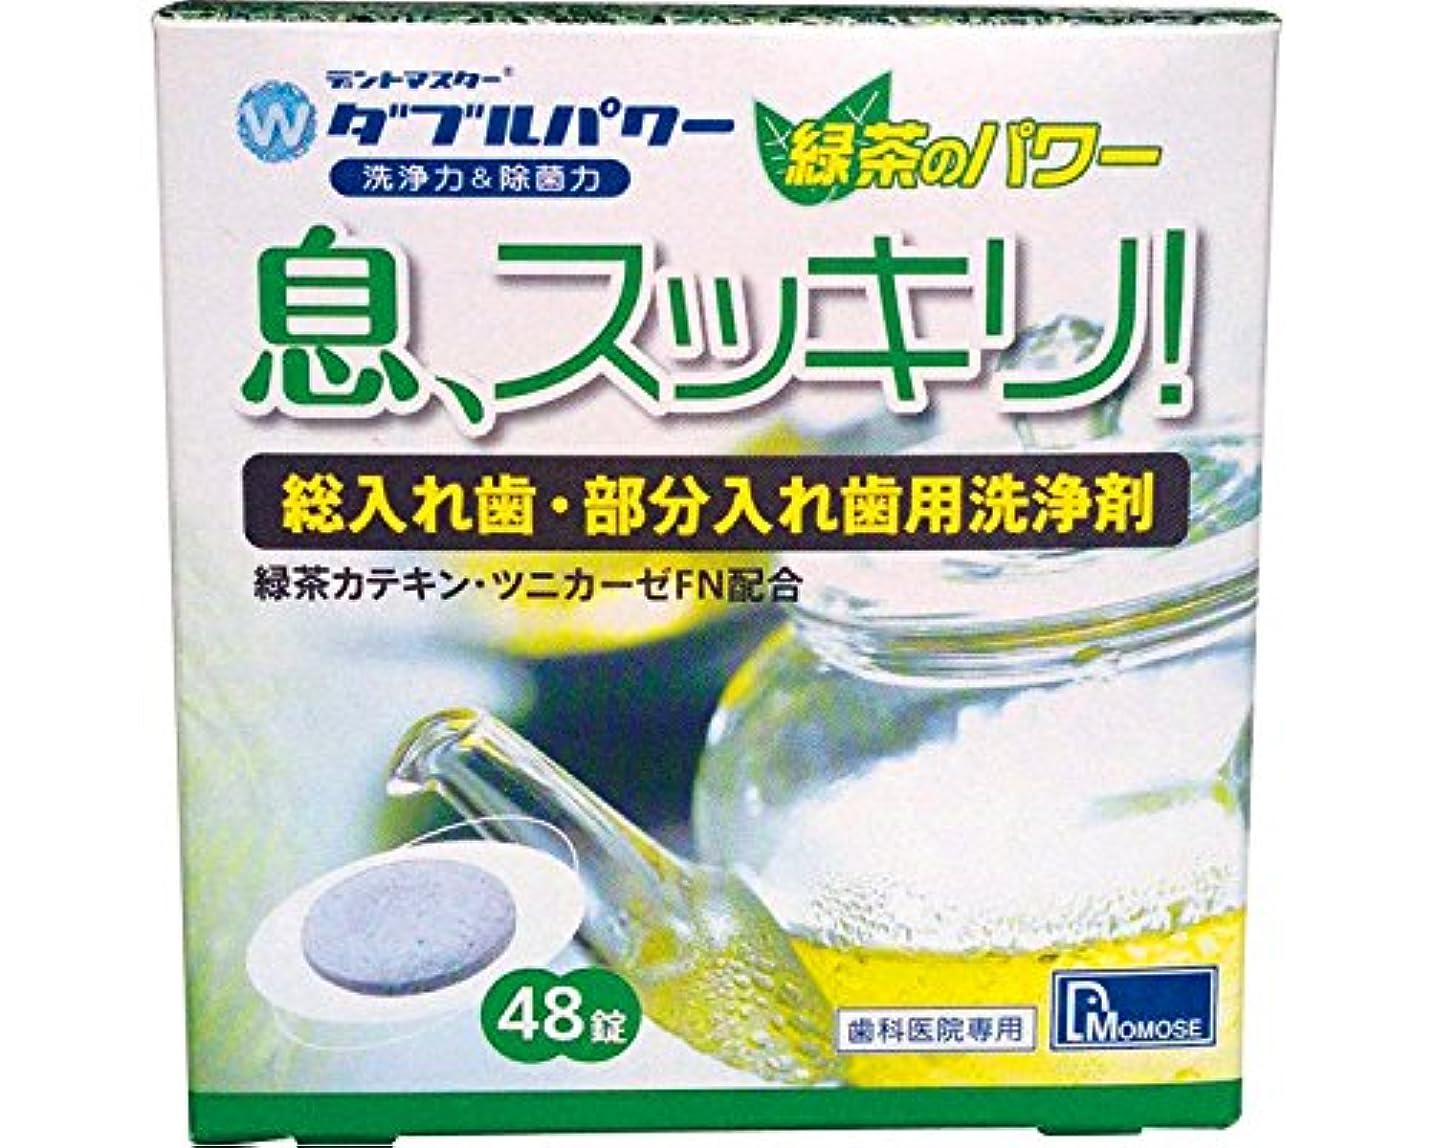 壊す耐久促進する入れ歯洗浄剤 緑茶パワー 息、すっきり48錠入 【モモセ歯科商会】 【口腔器材】